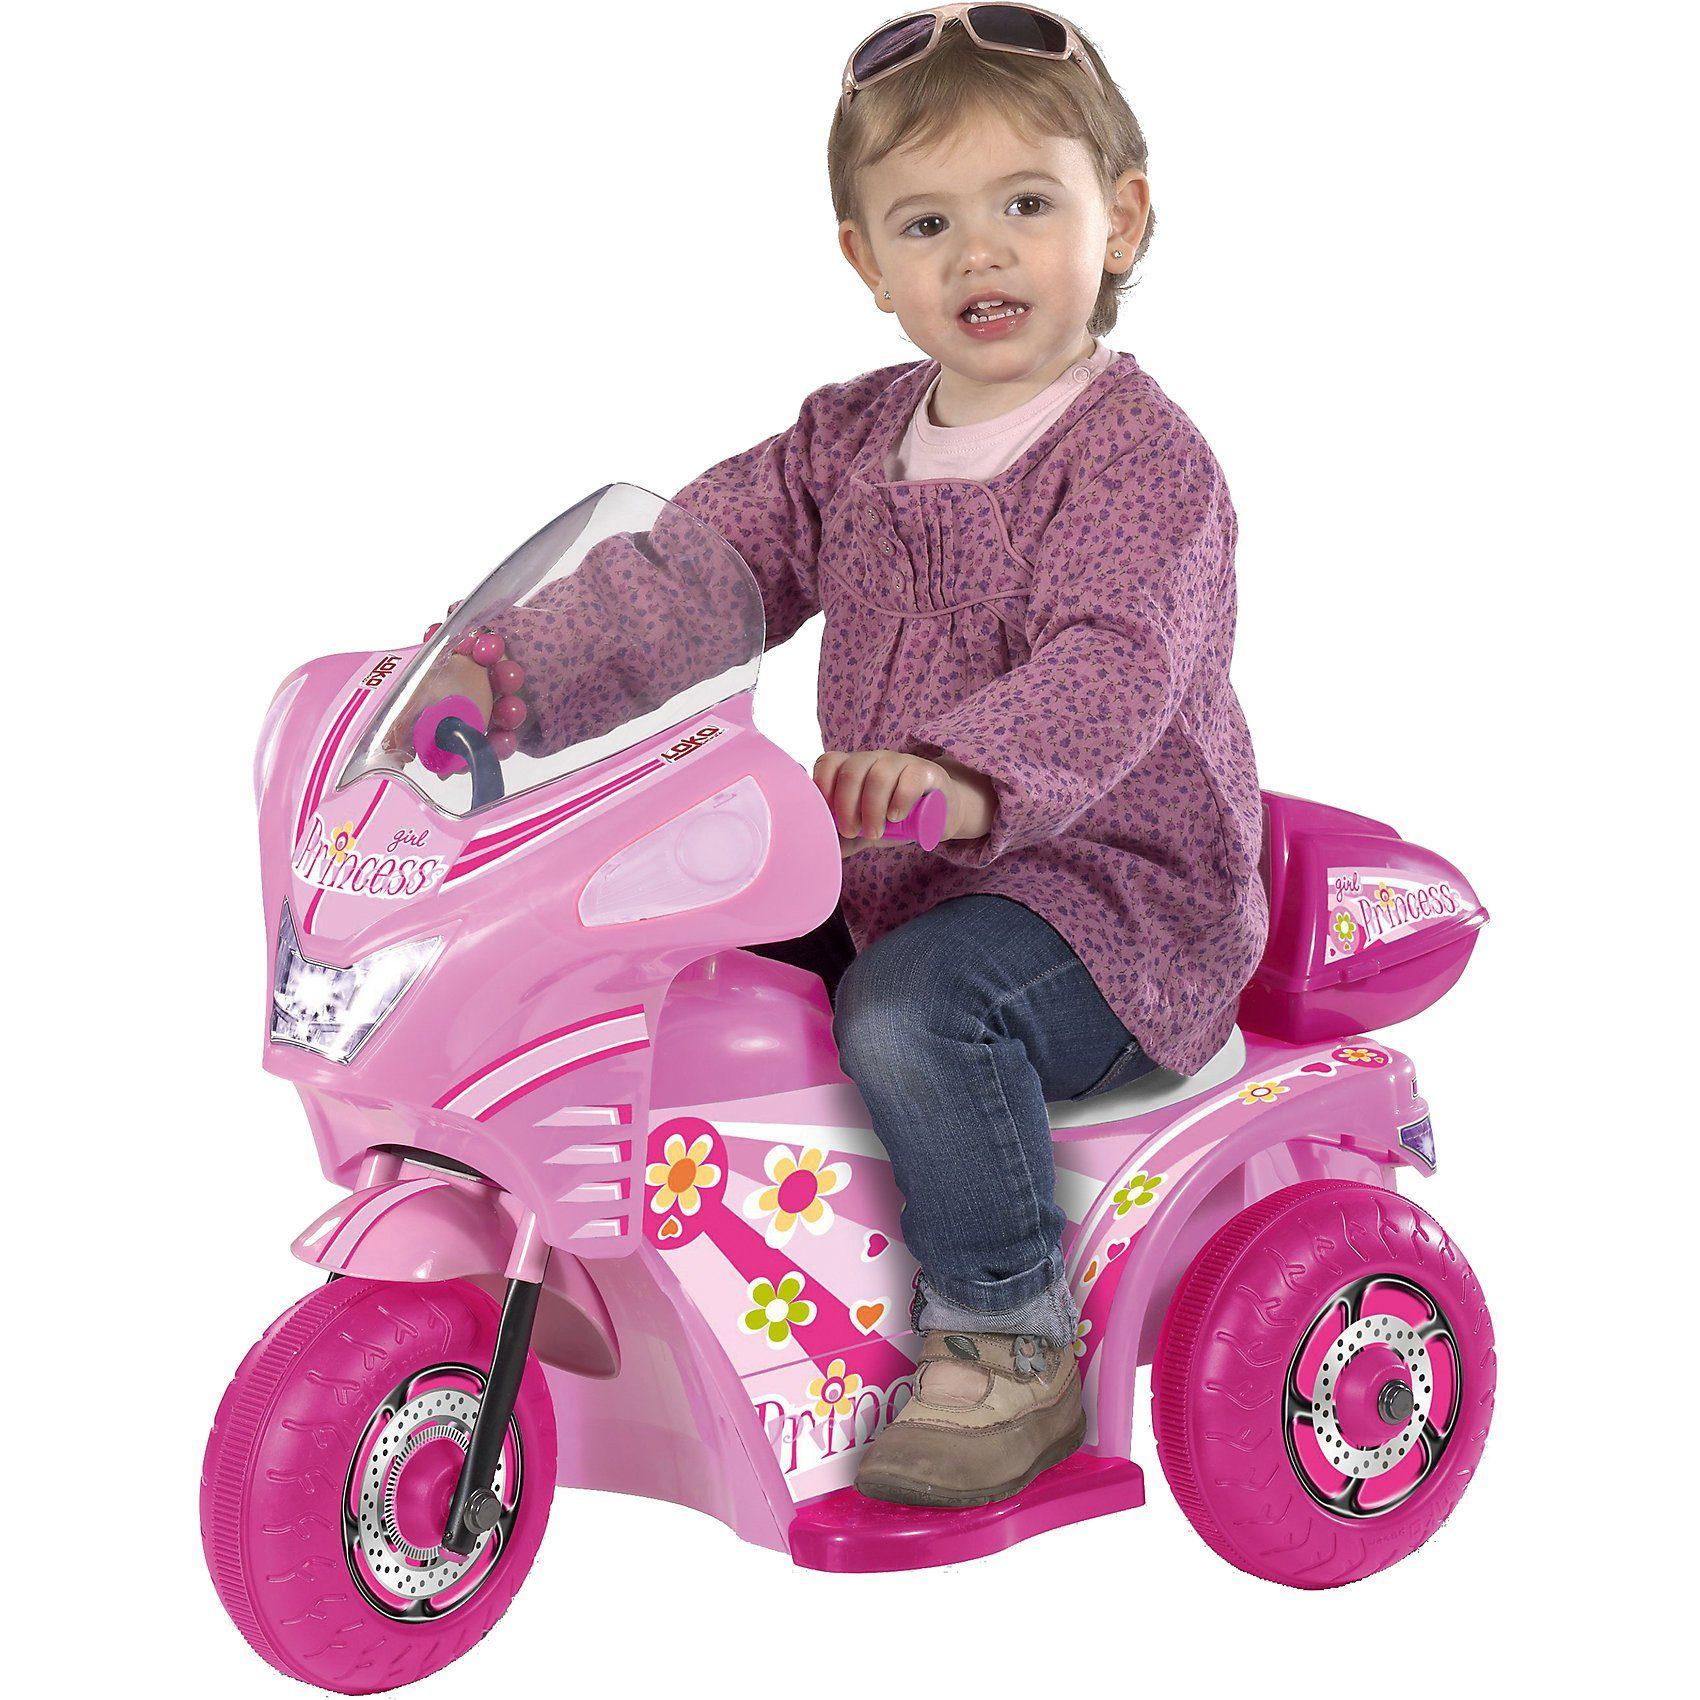 Carromco Dreirad Tribike Princess 6V, elektrisch